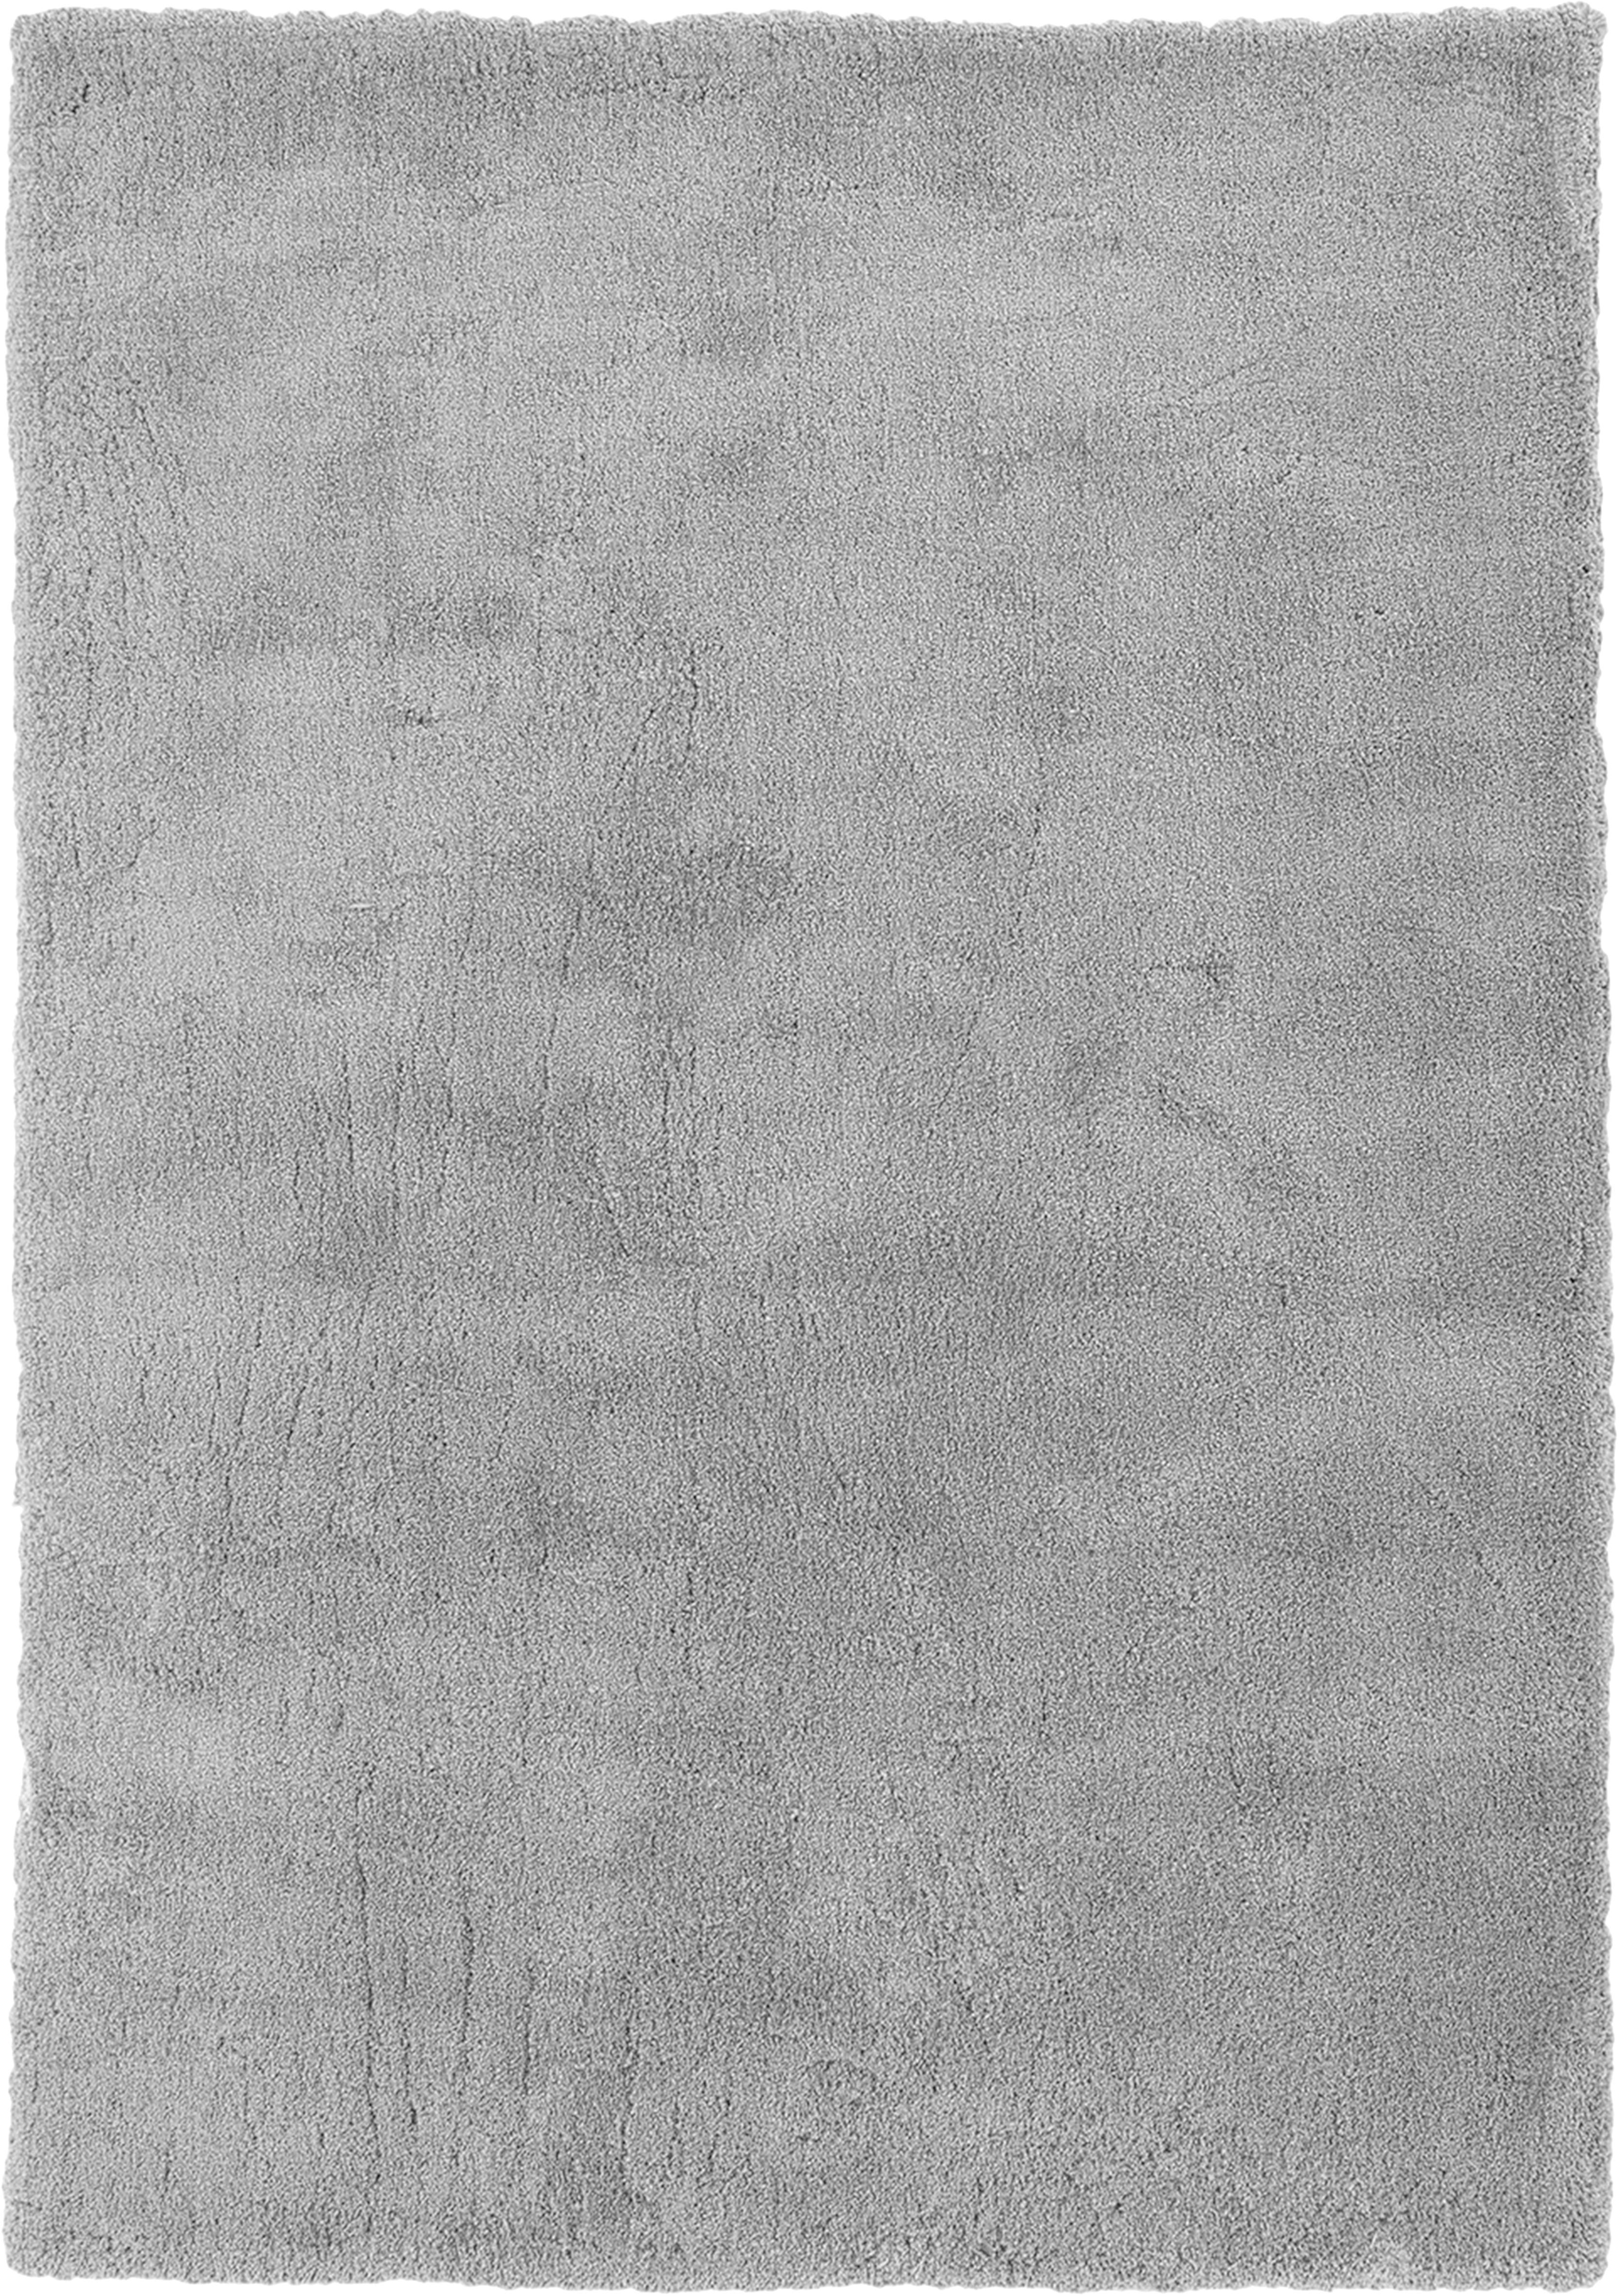 Puszysty dywan z wysokim stosem Leighton, Szary, 200 x 300 cm (Rozmiar L)